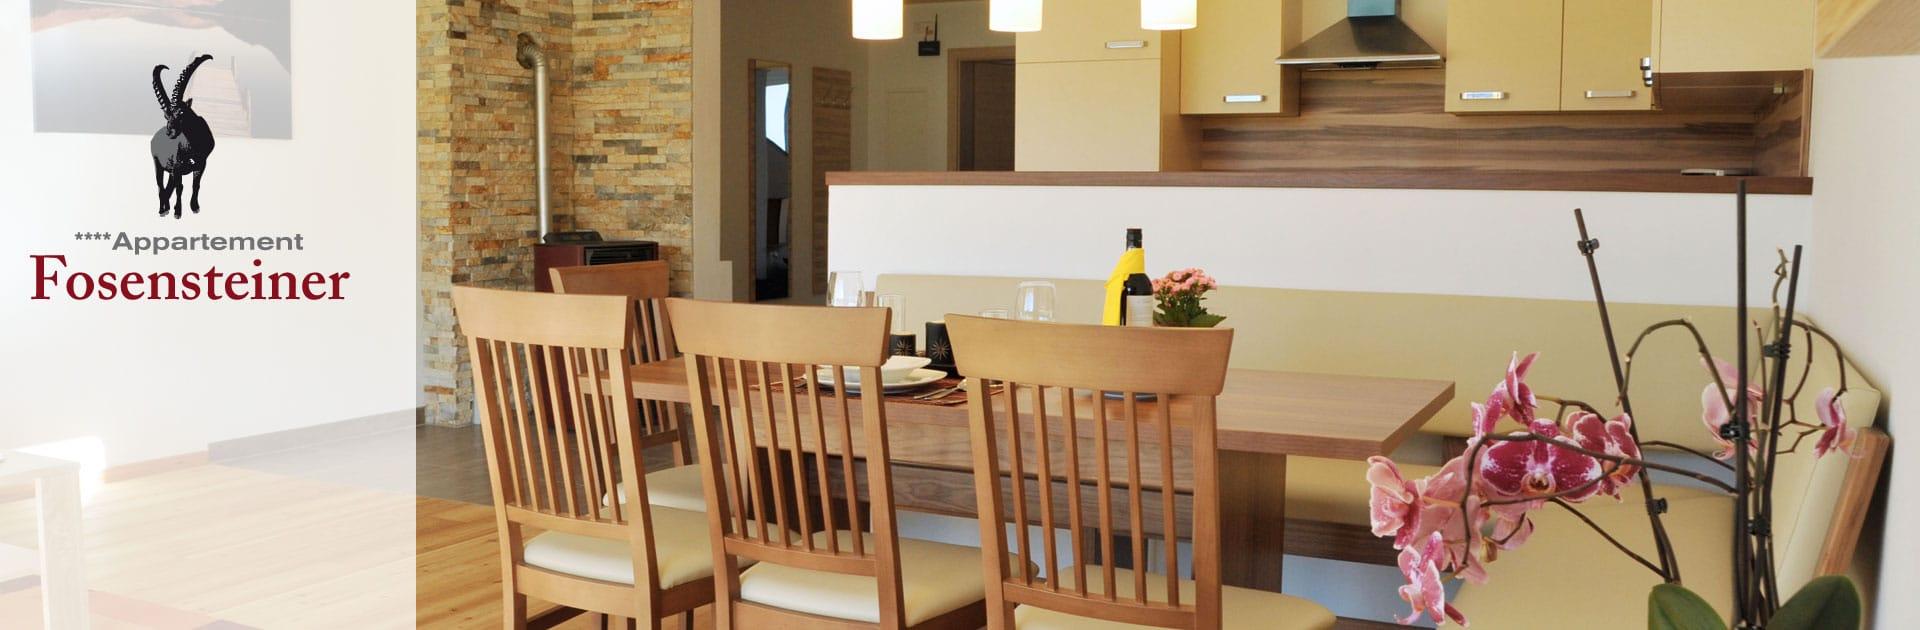 Wohnraum Appartement Fosensteiner in Ramsau am Dachstein